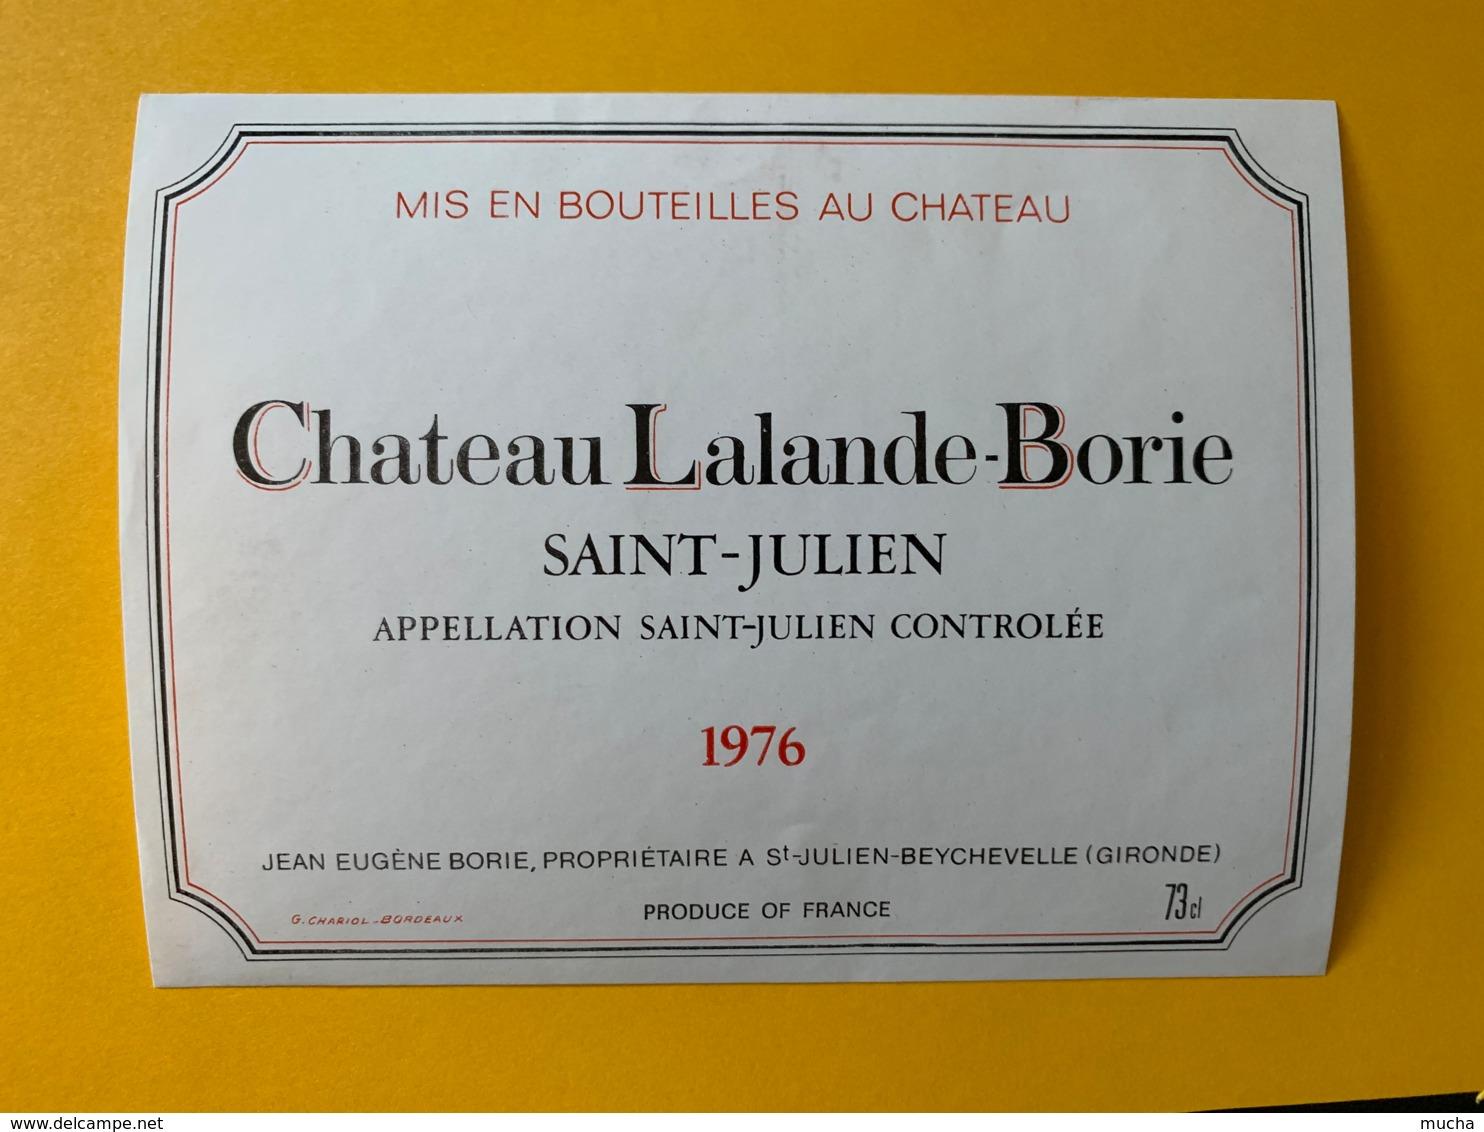 9540 - Château Lalande-Borie 1976 Saint-Julien - Bordeaux